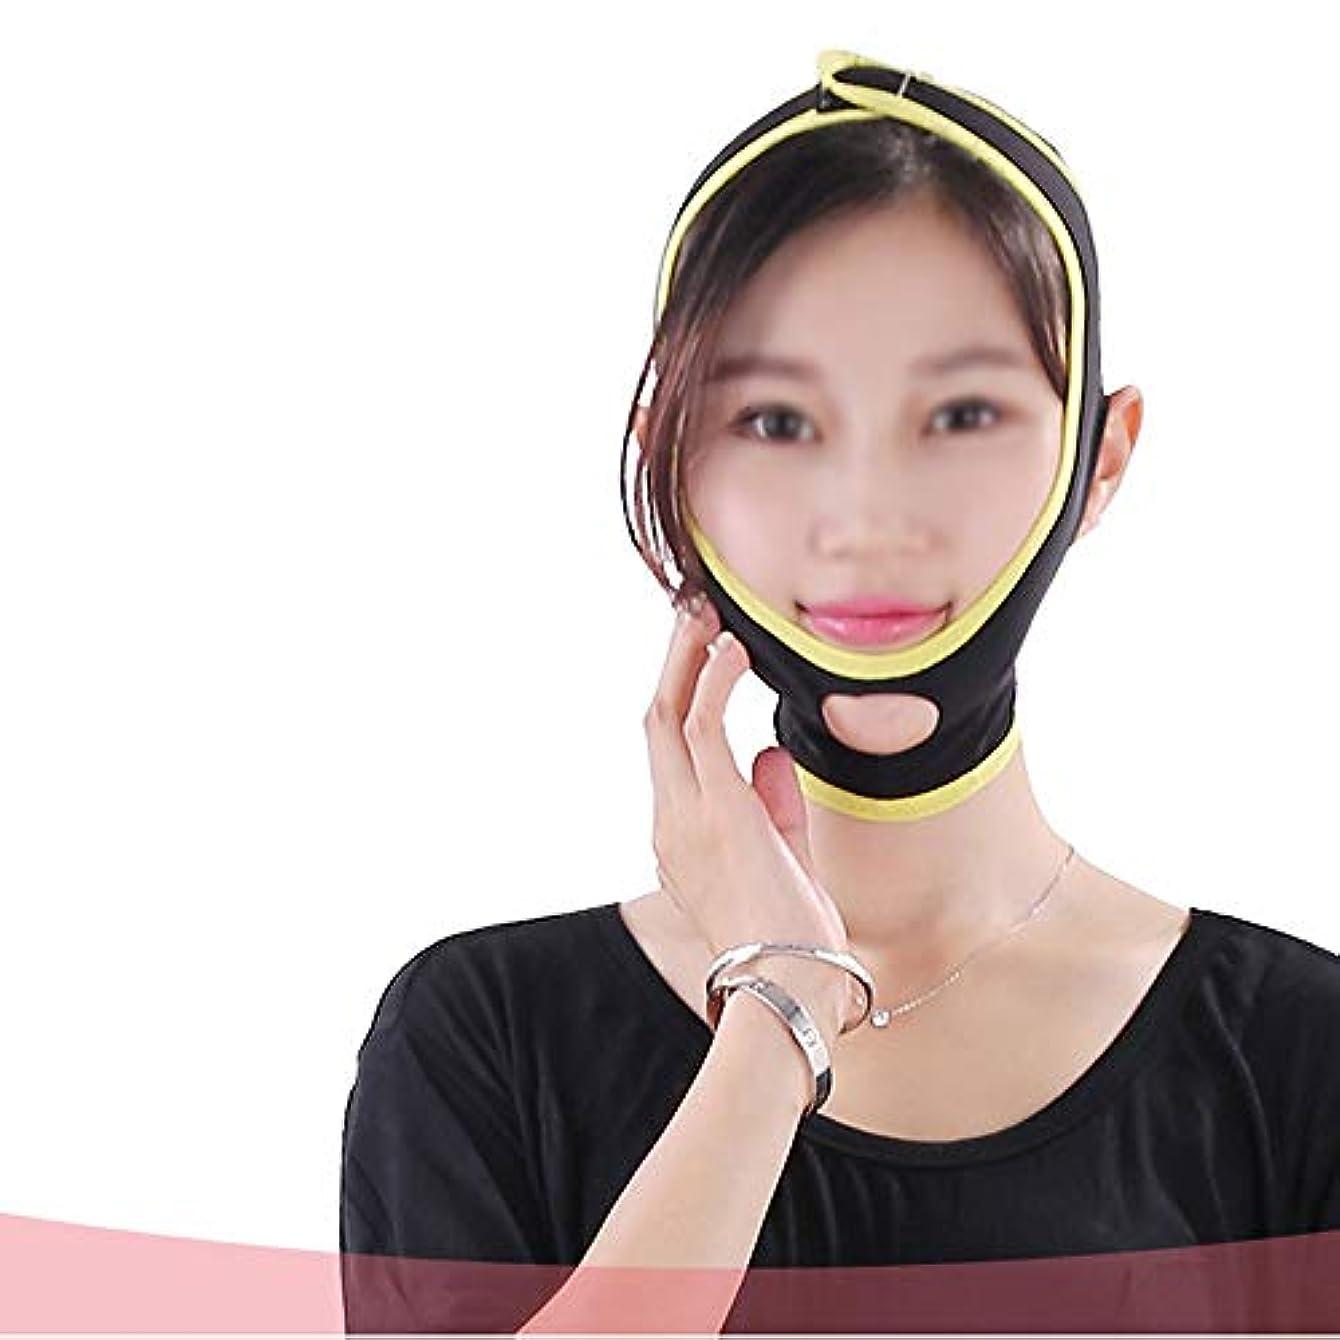 非難困惑する予防接種TLMY 薄い顔包帯通気性睡眠小さいVフェイスマスクリフティング引き締め肌アーティファクトは二重あご顔の減量包帯を減らす 顔用整形マスク (Size : L)